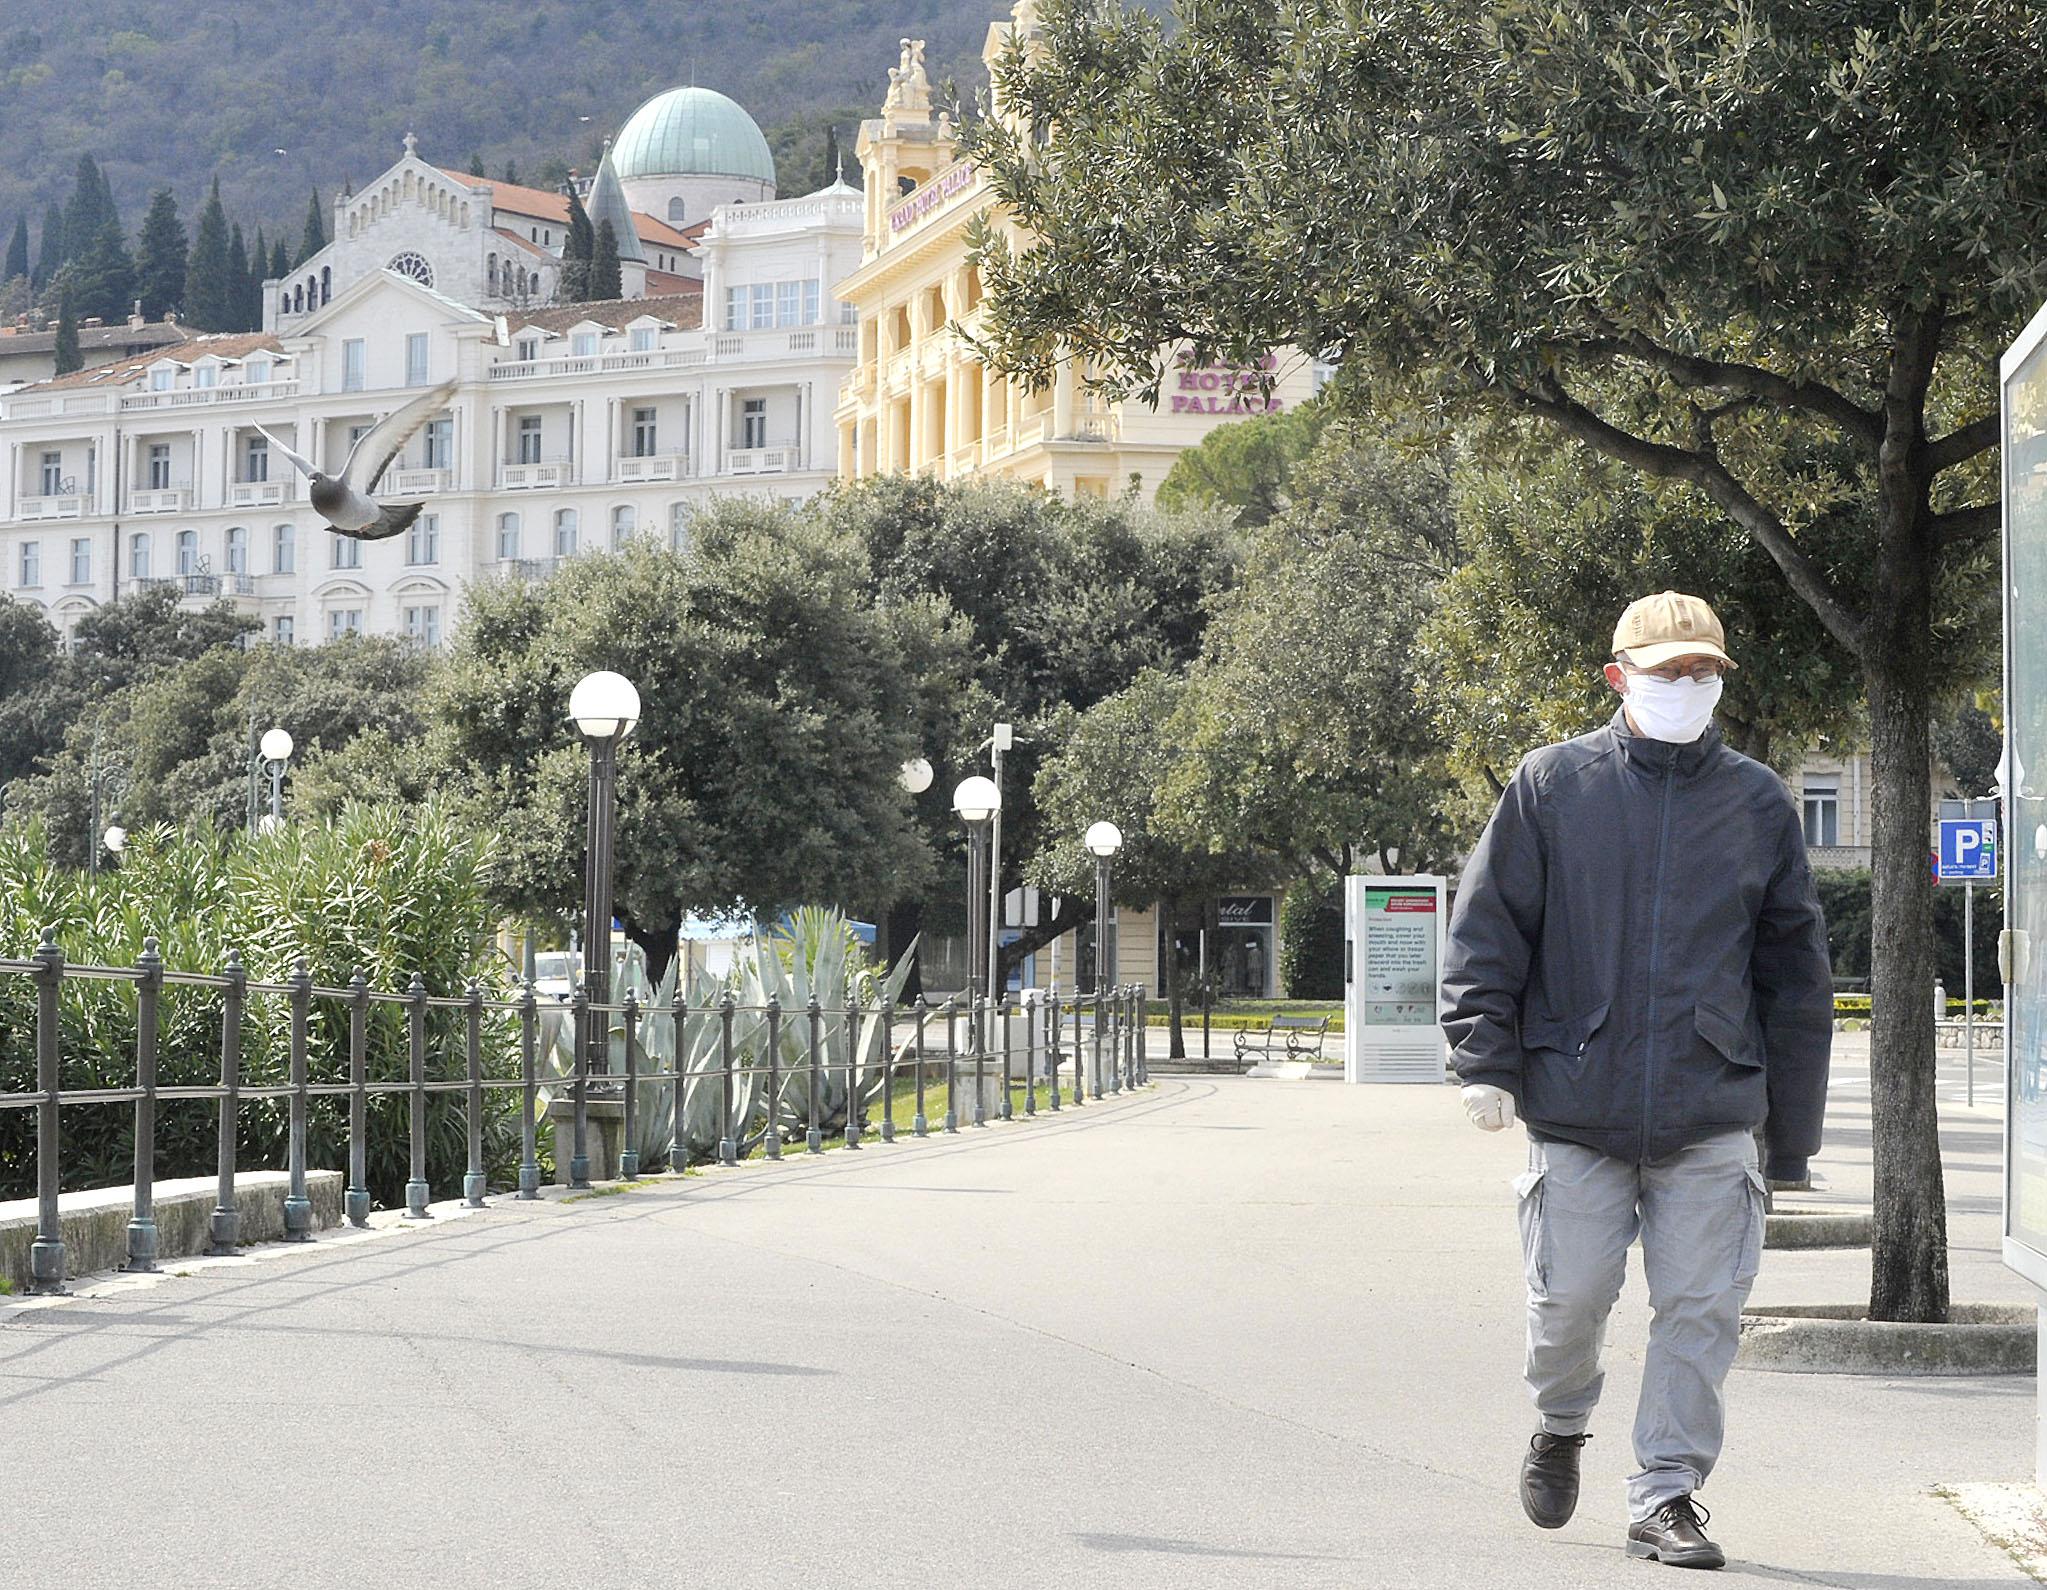 Rijetka slika praznih opatijskih ulica / Foto Sergej DRECHSLER